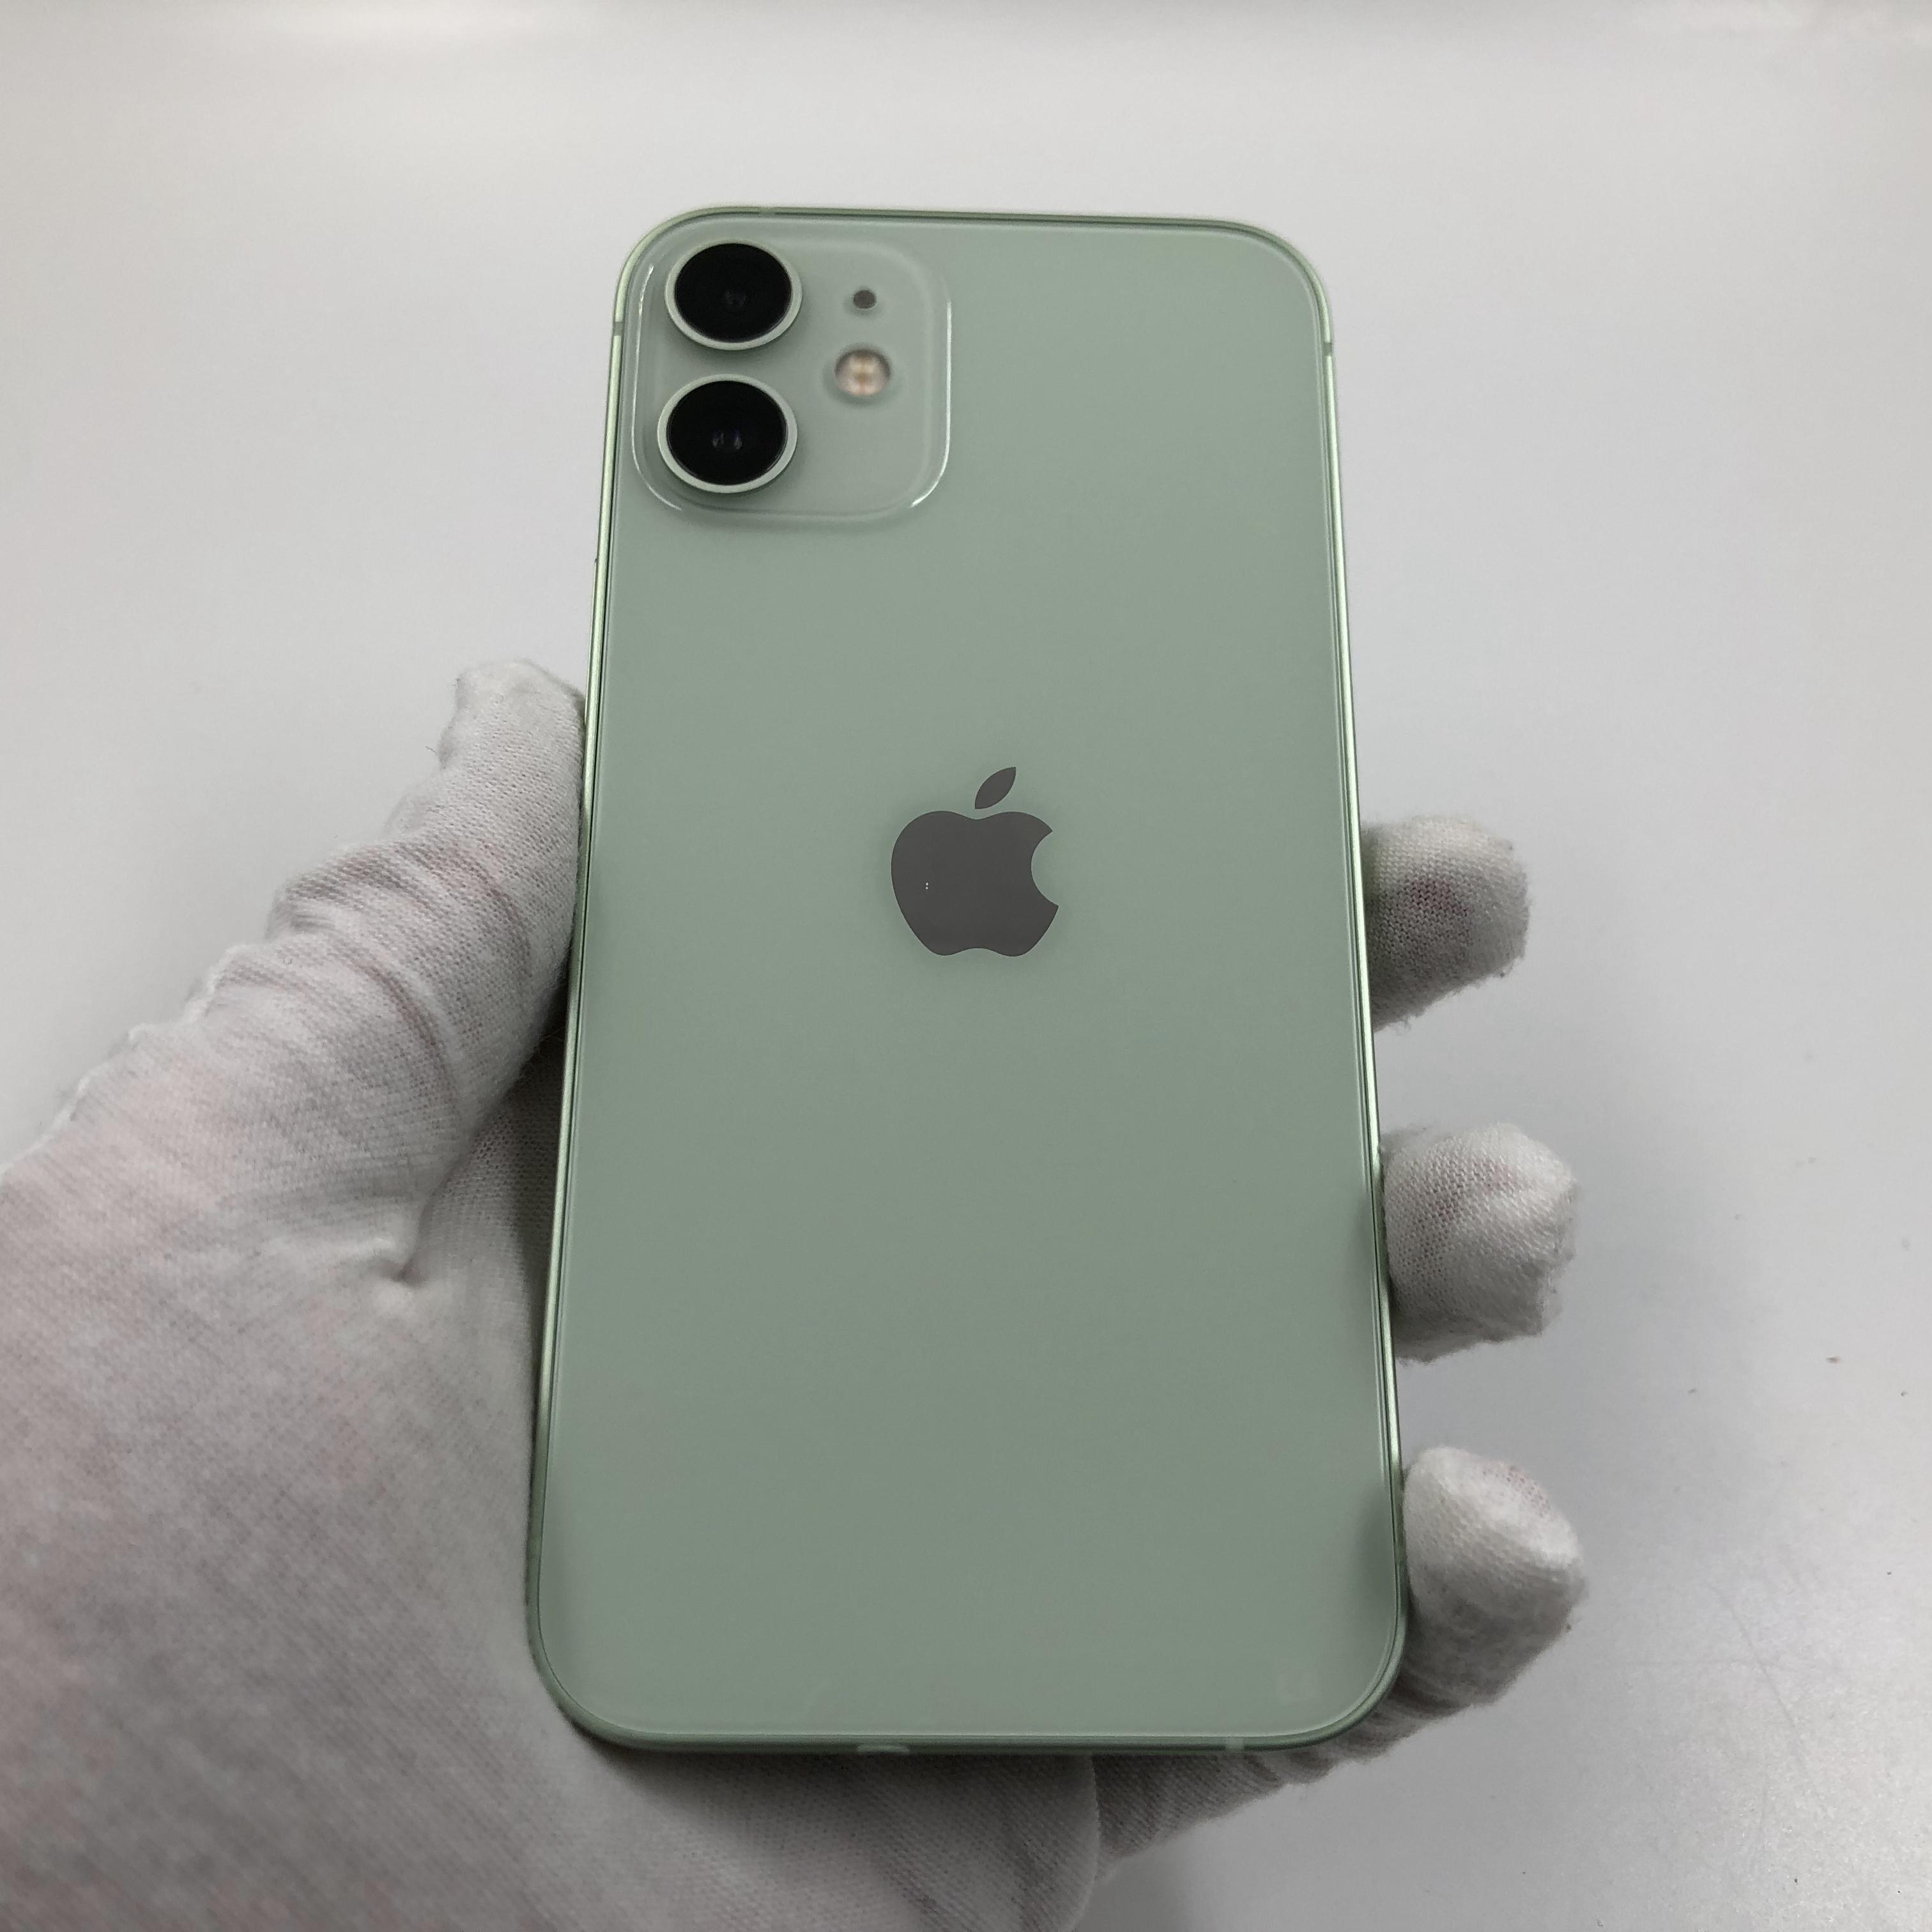 苹果【iPhone 12 mini】5G全网通 绿色 128G 国行 95新 真机实拍官保2022-05-09